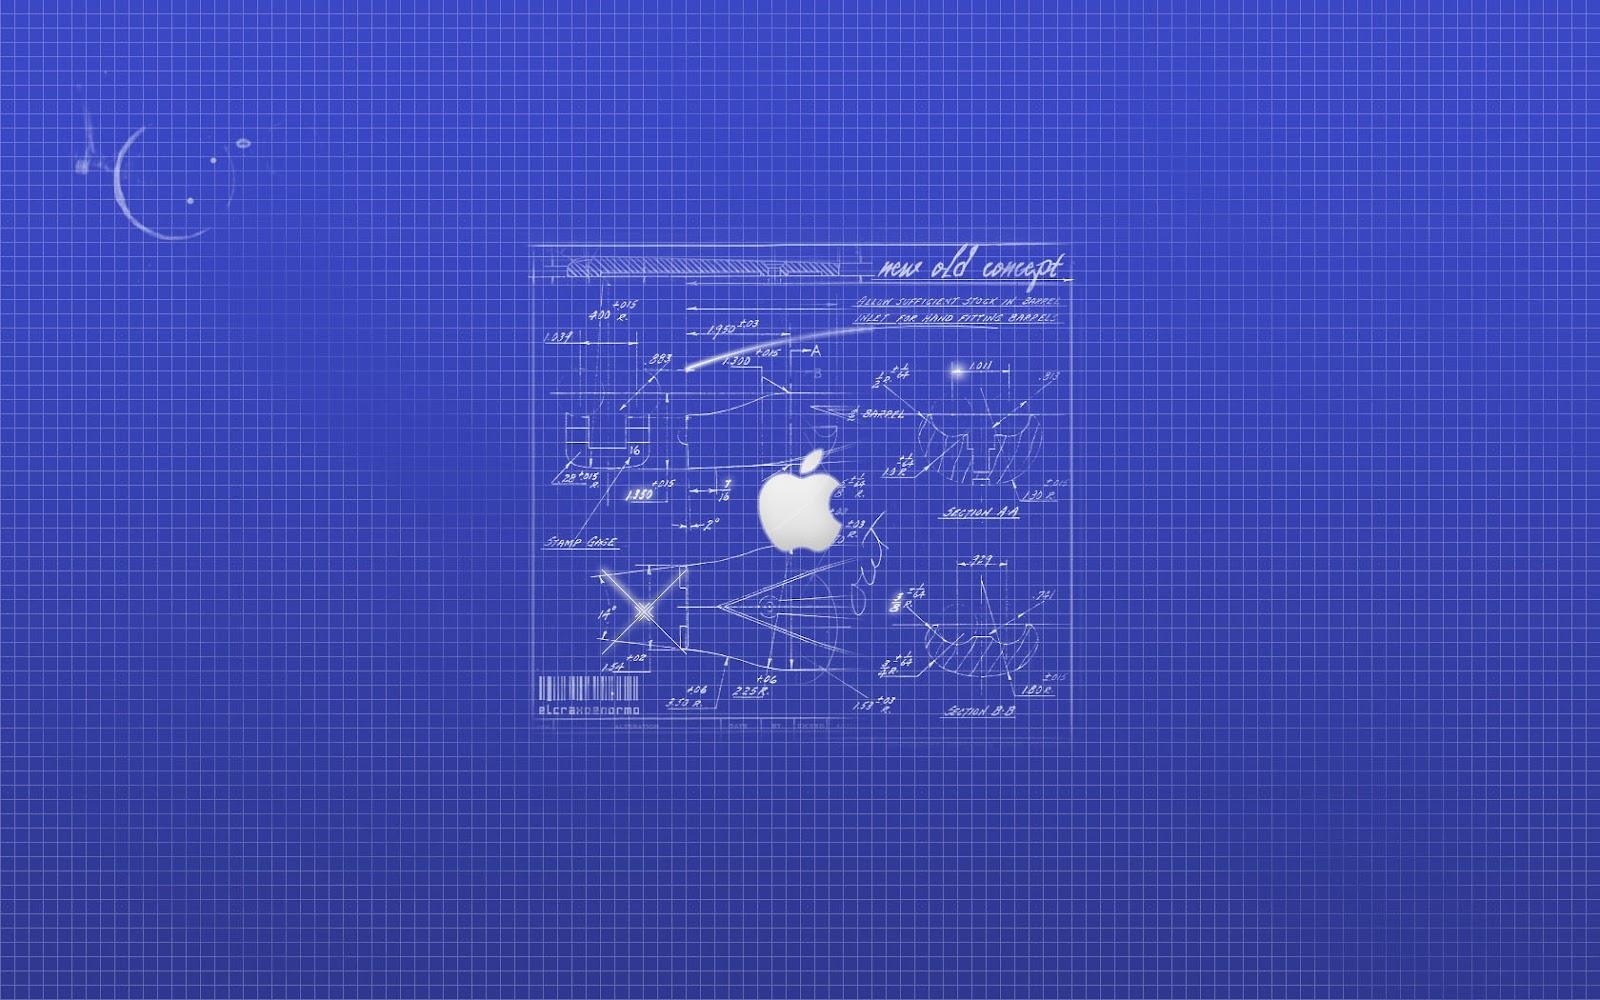 http://4.bp.blogspot.com/-FGgX81i0W28/T2ZjU64PtDI/AAAAAAAACqg/8qMp3E_5R5A/s1600/Elegant+Apple+blue+formula+Wallpapers.jpg